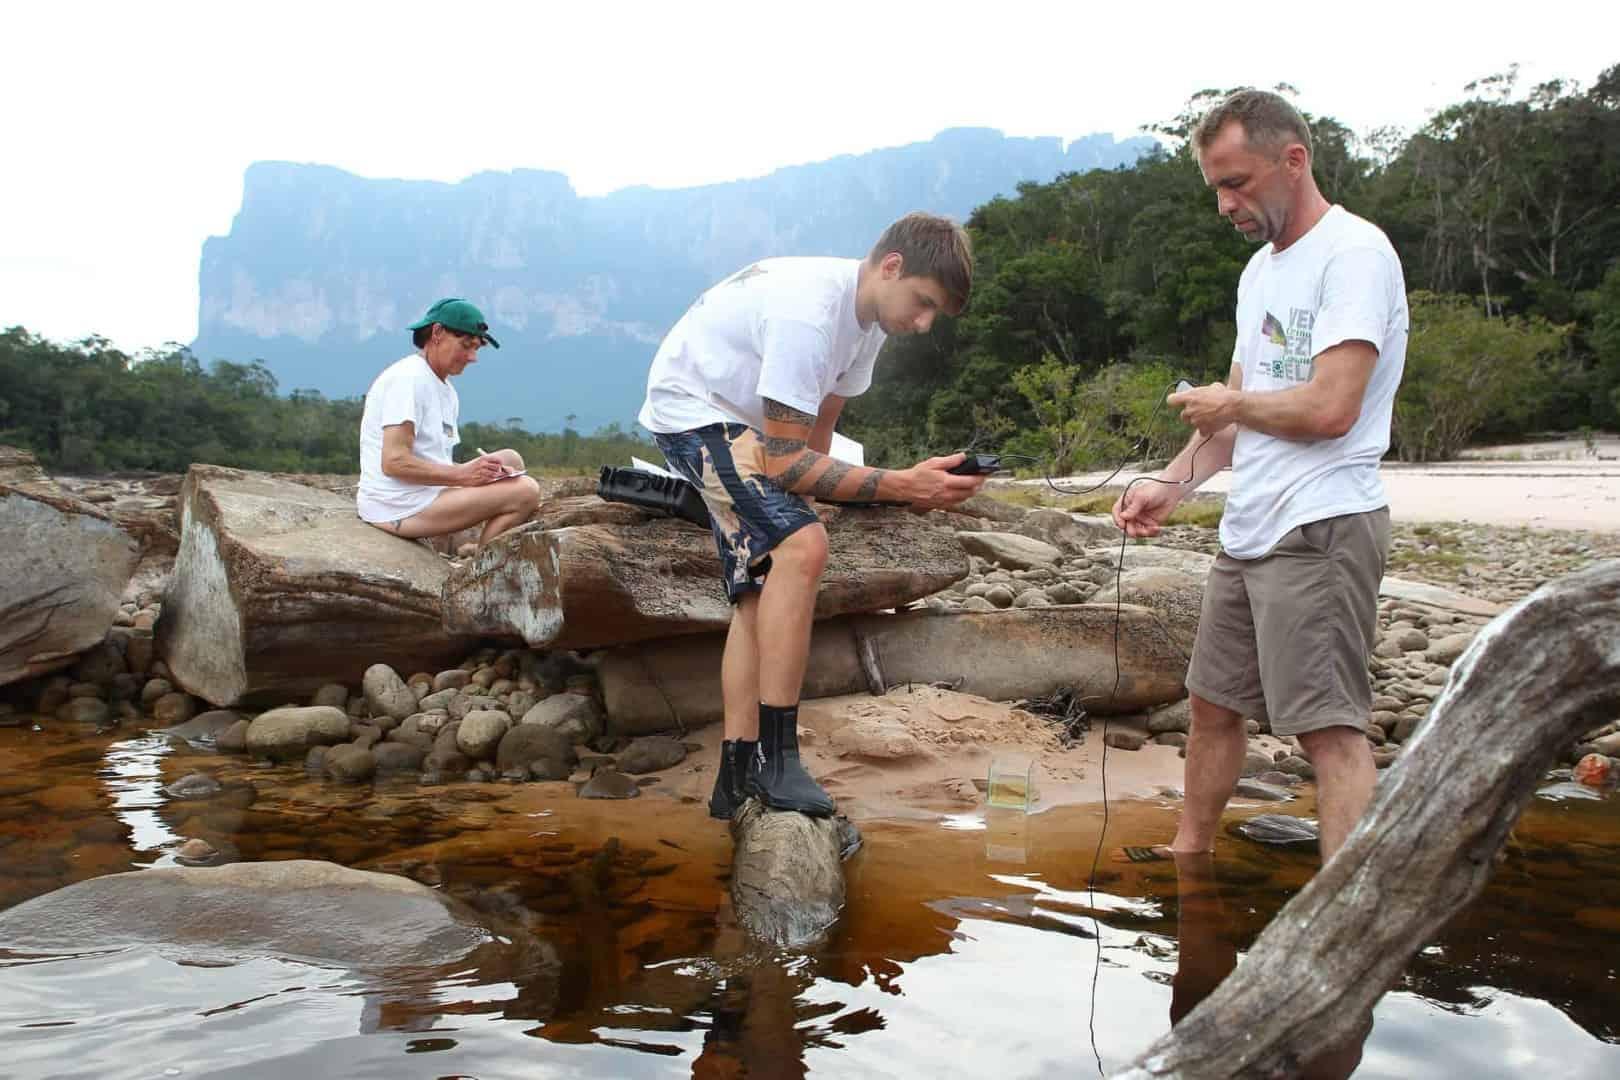 154 : Expeditionen zu den Biotopen der Aquarienfische Teil 2 (Heiko Blessin) 49